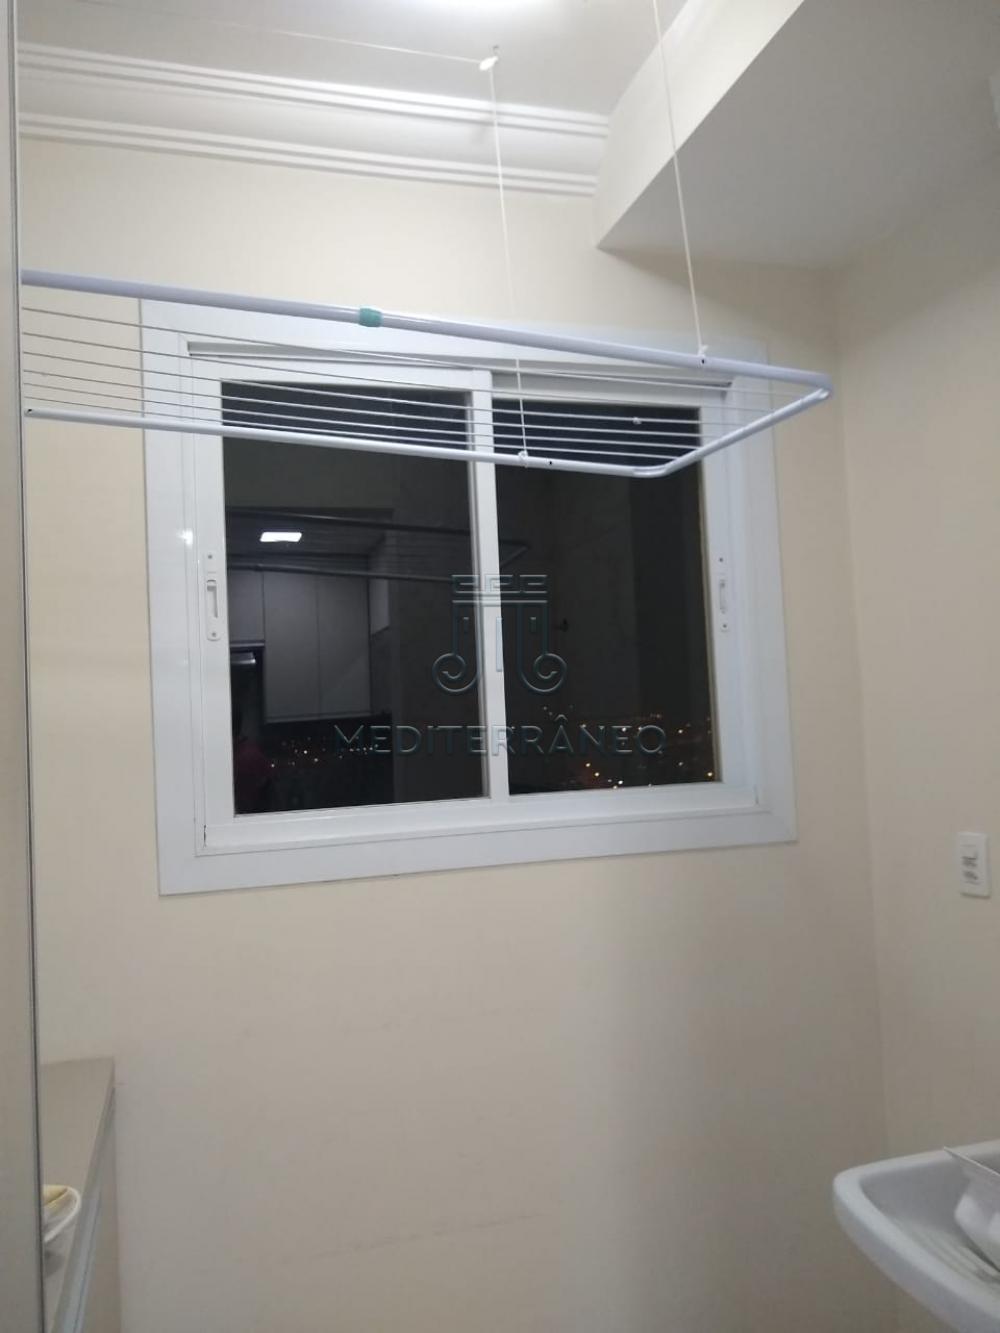 Comprar Apartamento / Padrão em Jundiaí apenas R$ 220.000,00 - Foto 13